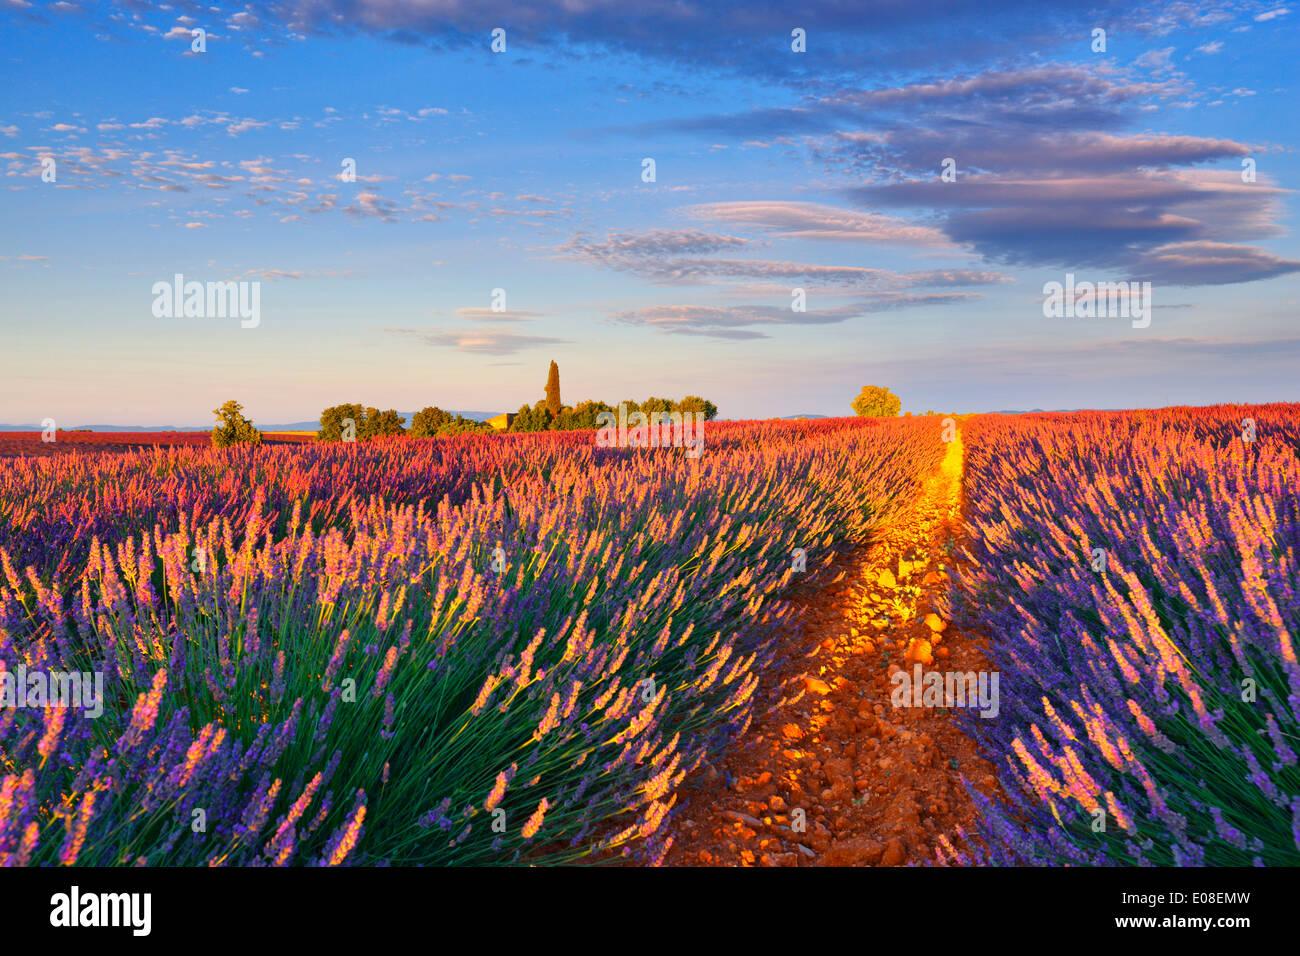 Campo di lavanda al mattino. Valensole, Provence - France. Immagini Stock